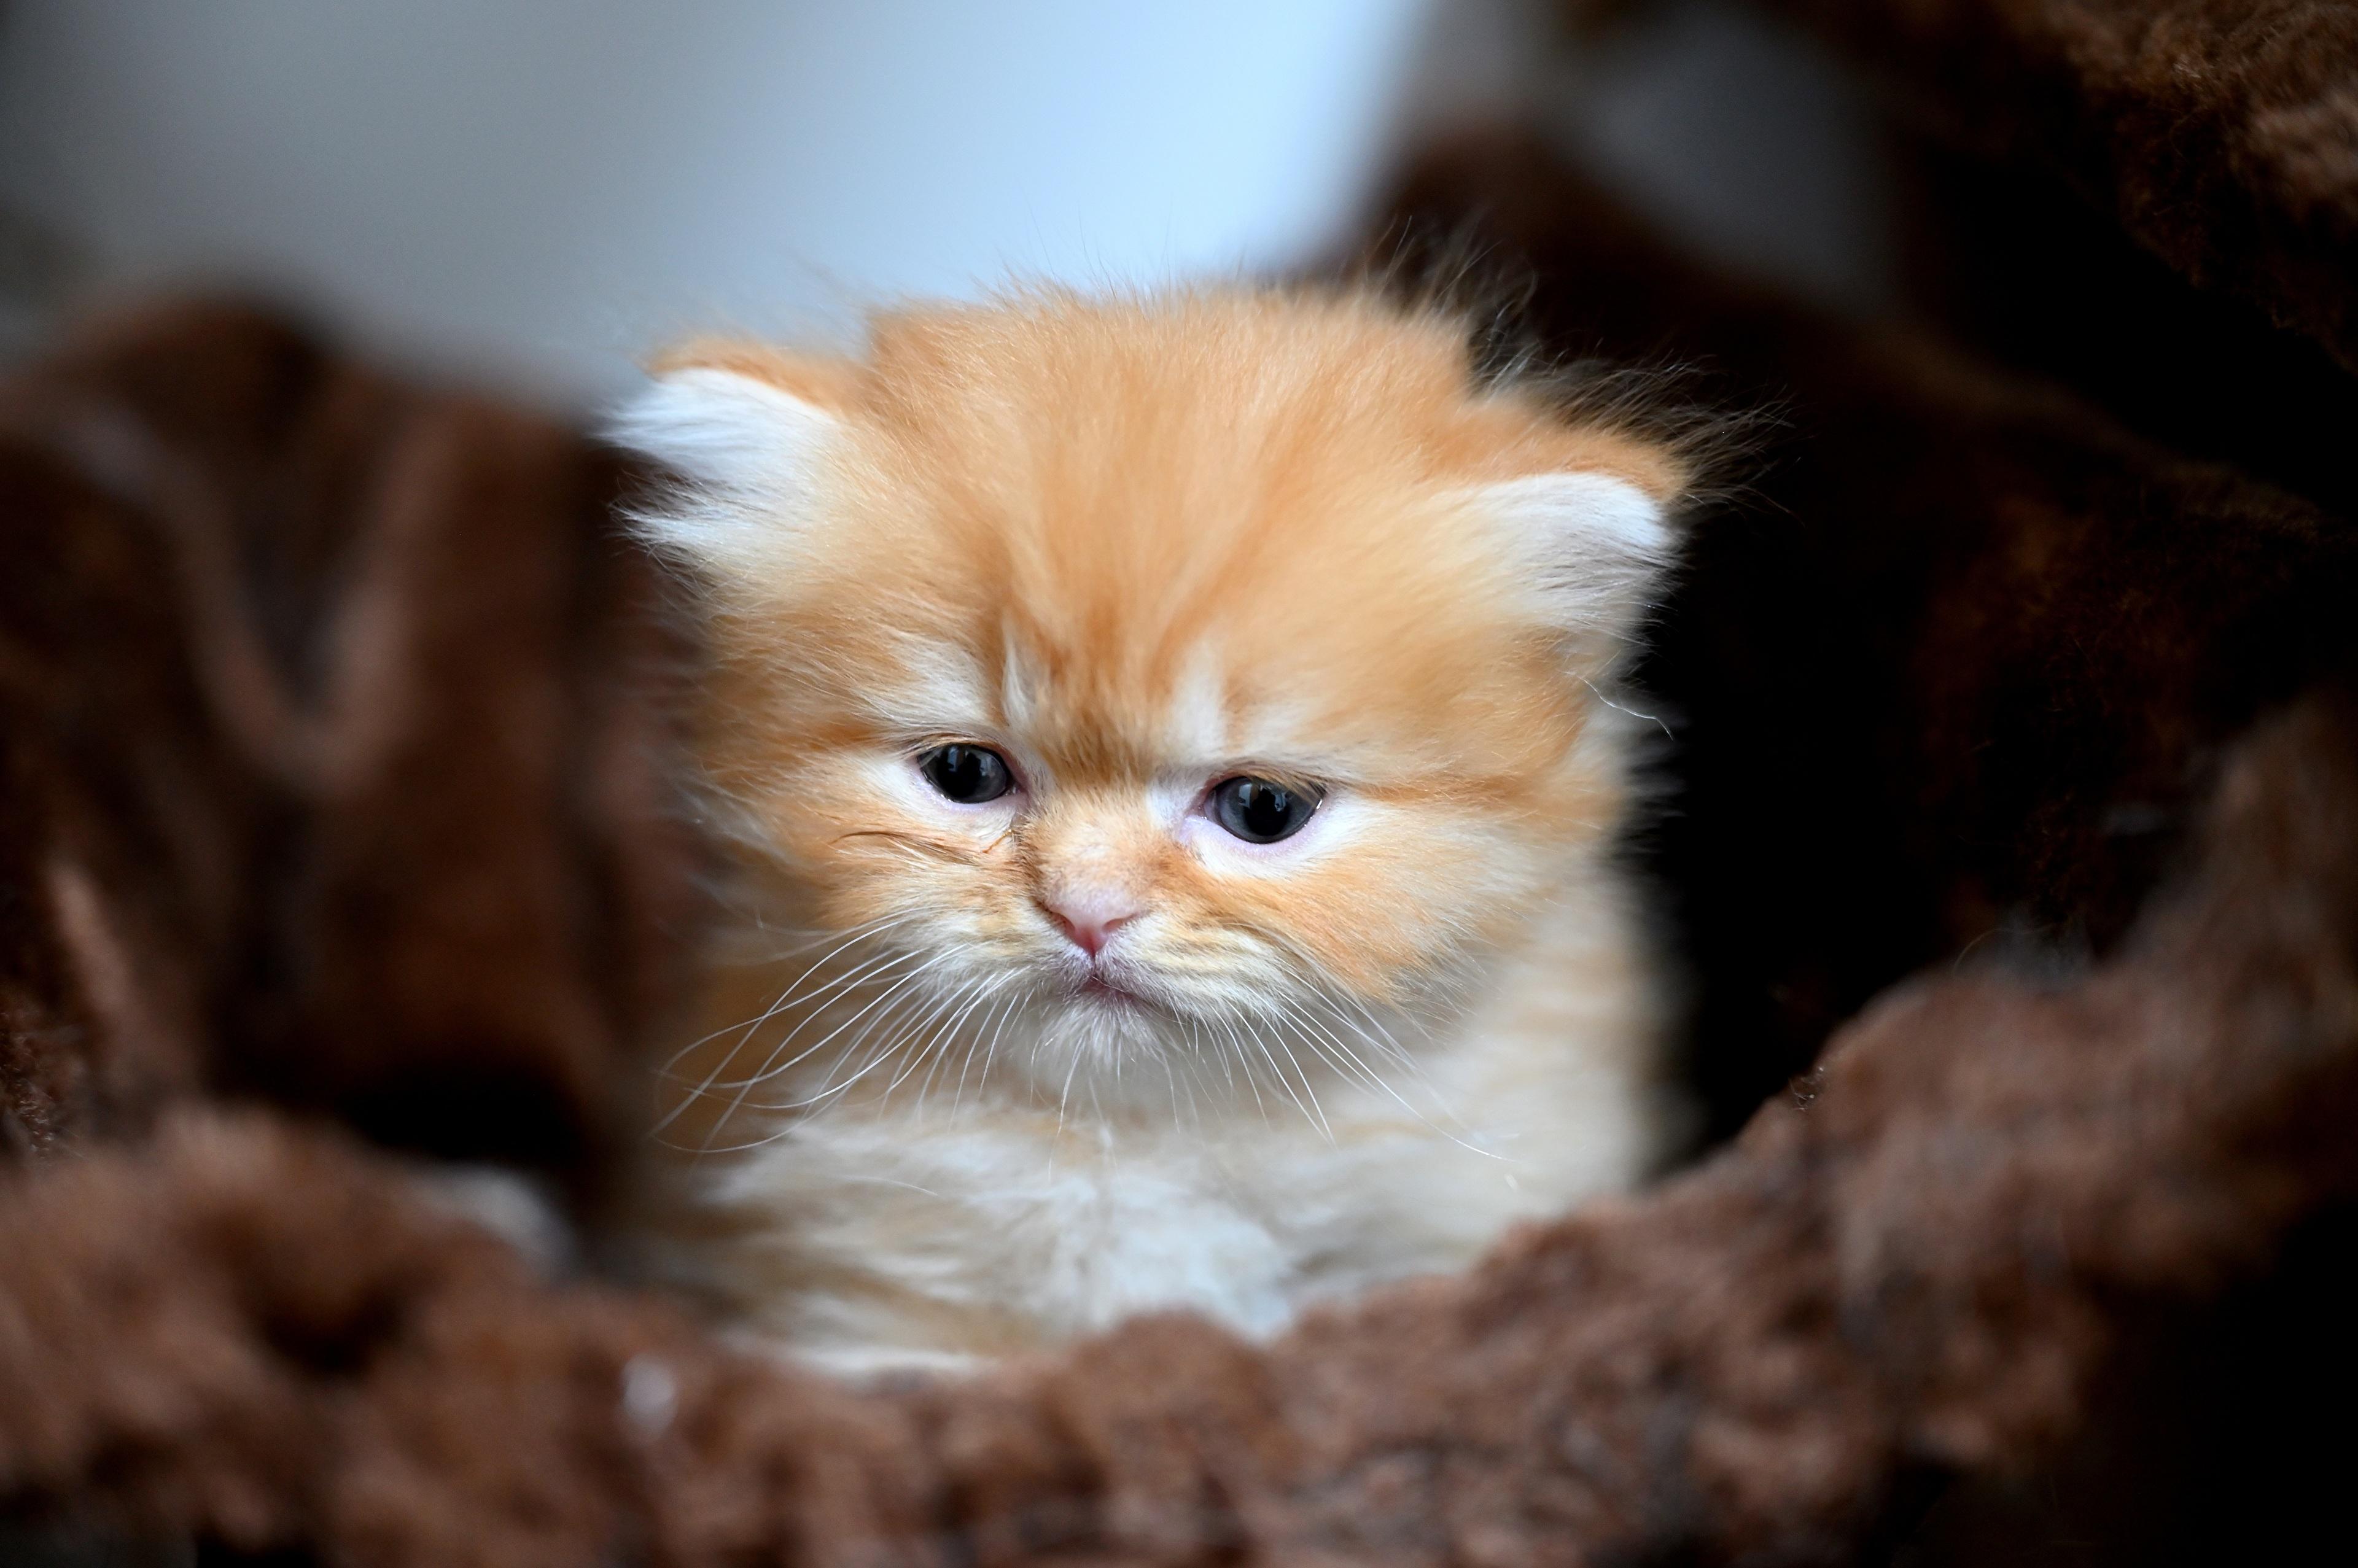 Фотографии Котята боке смотрят Животные котят котенок котенка Размытый фон Взгляд смотрит животное